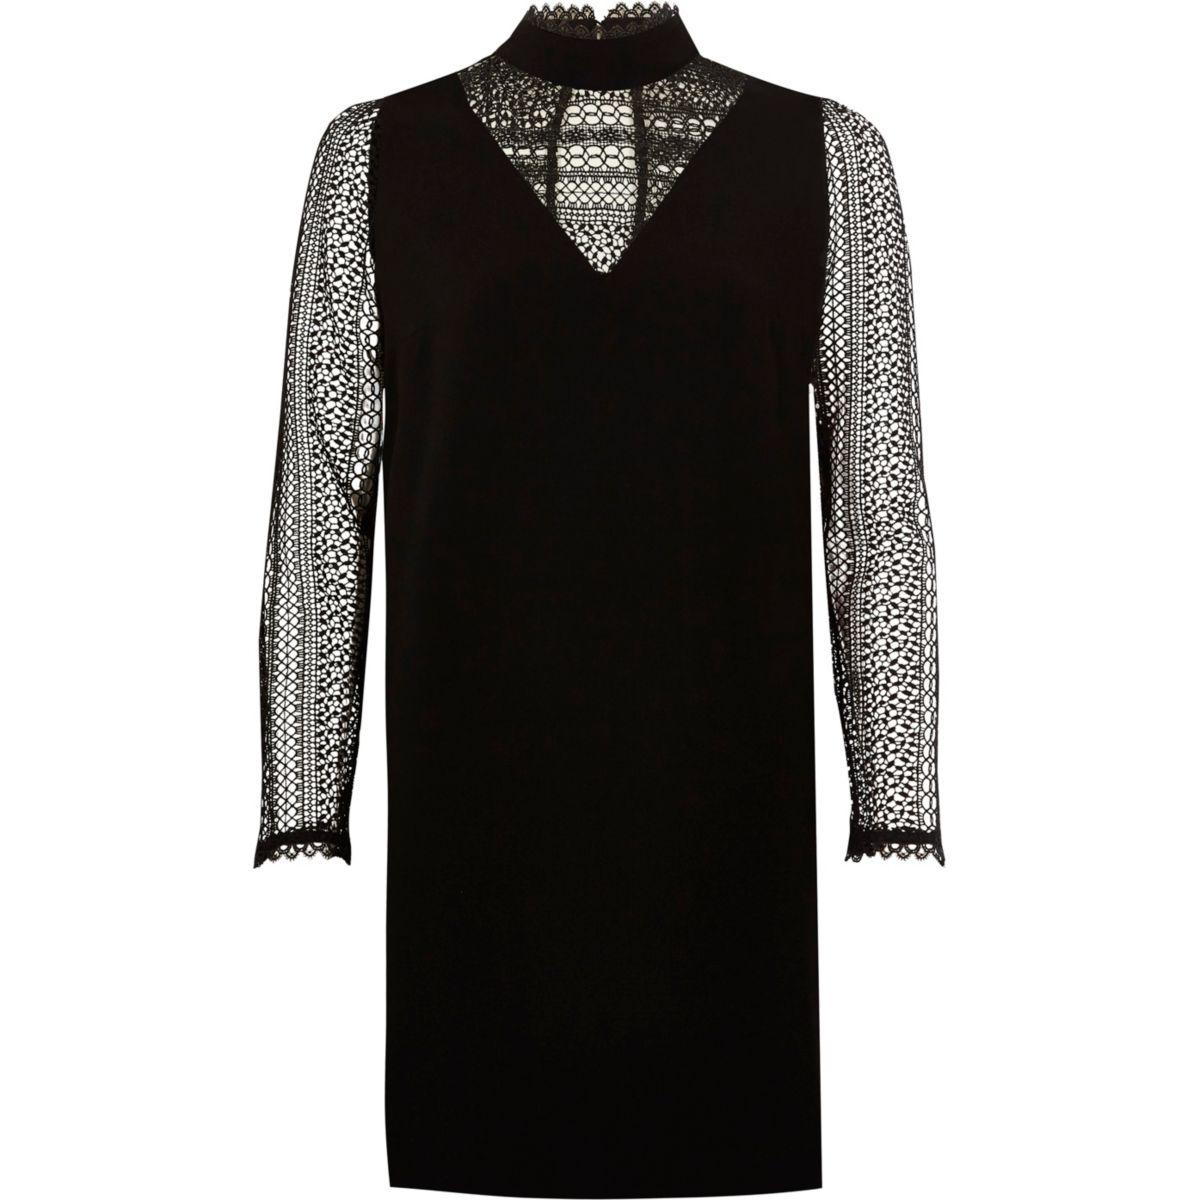 Schwarzes, langärmliges Swing-Kleid aus Spitze